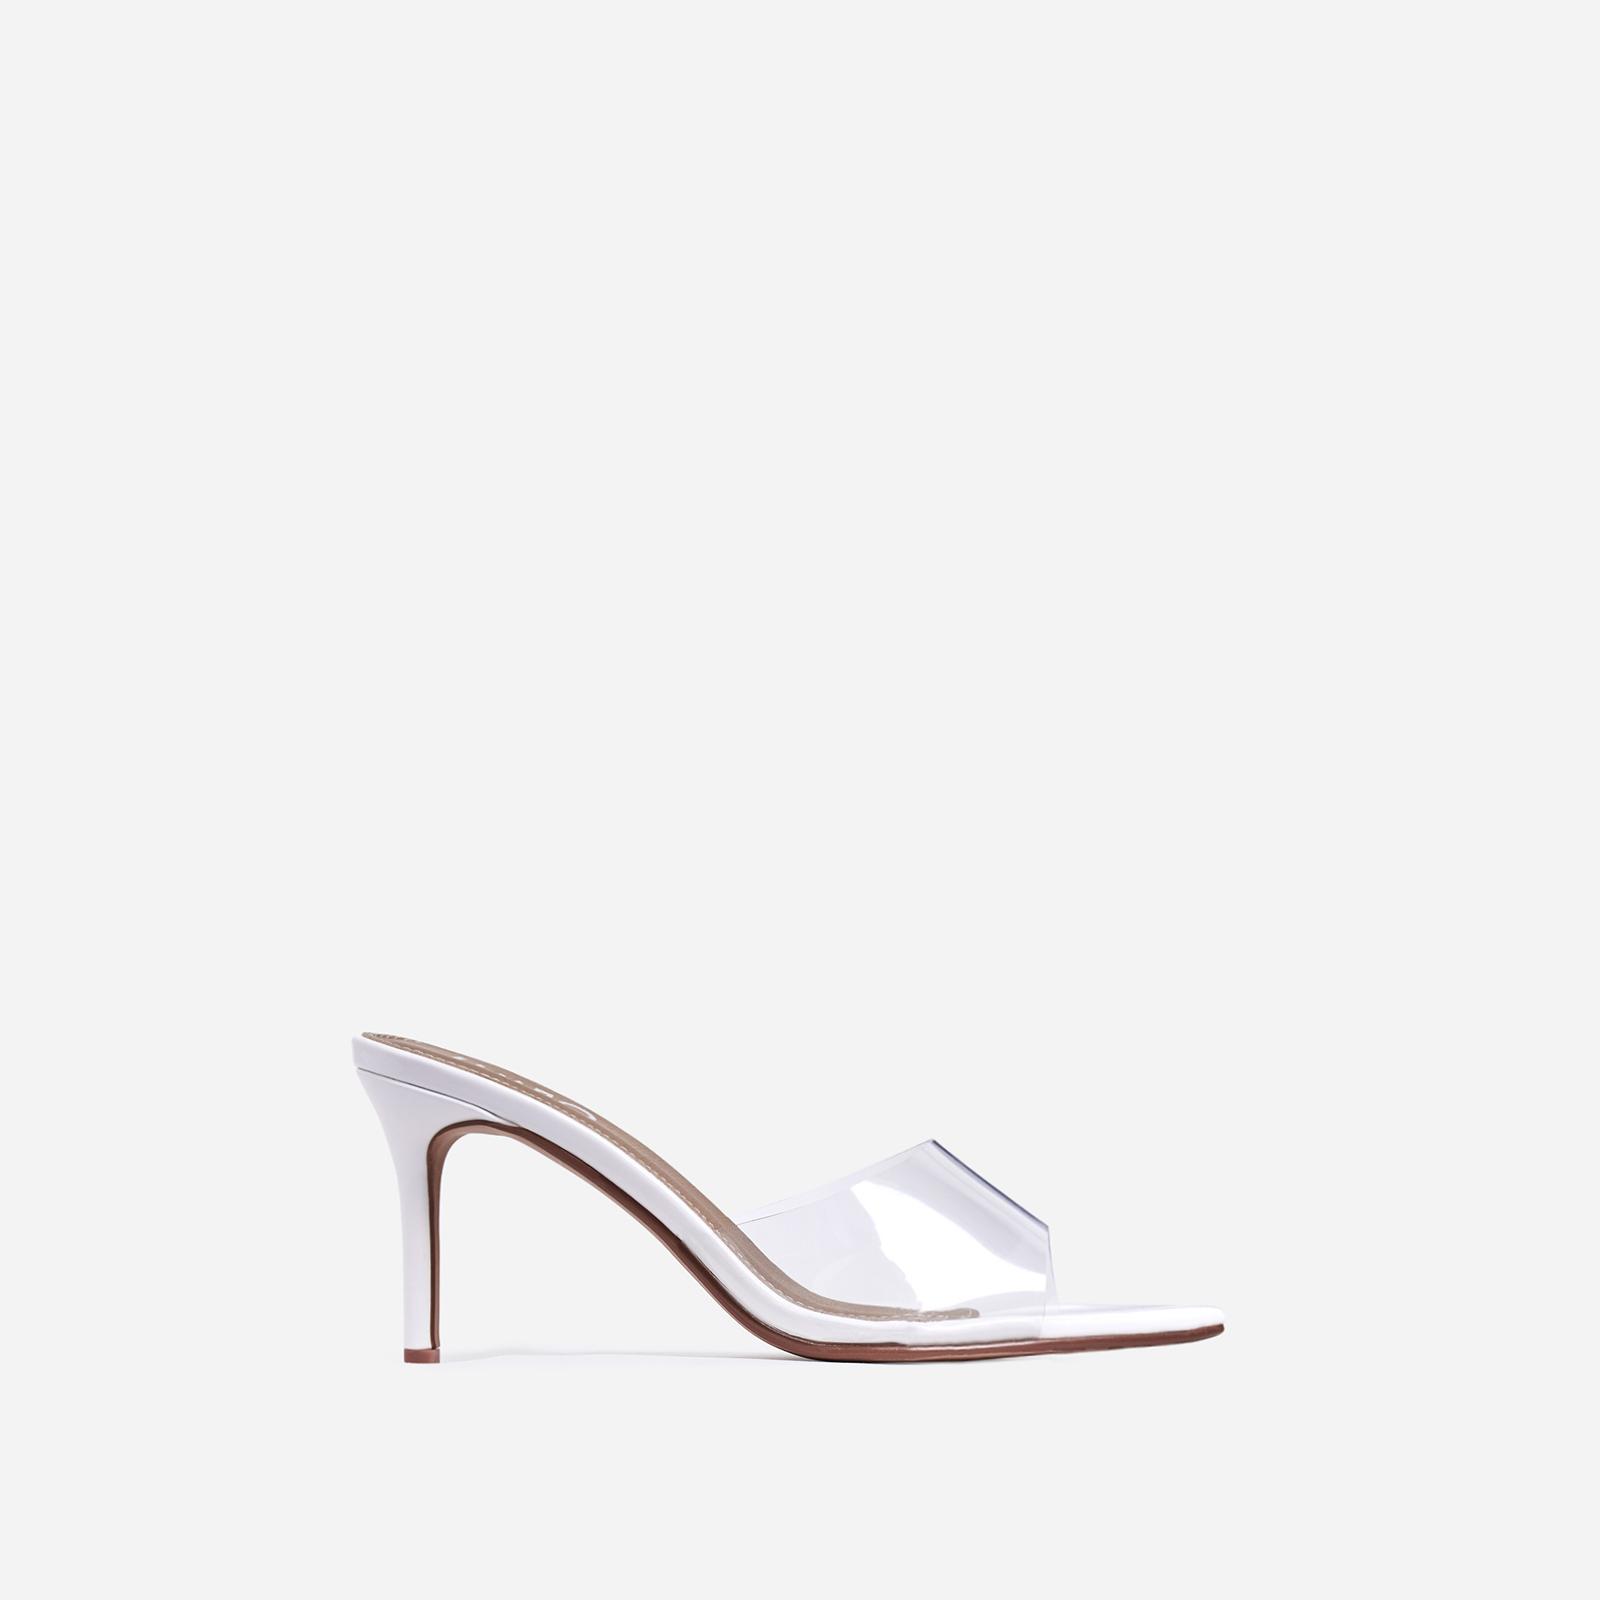 Maelle Pointed Peep Toe Perspex Heel Mule In White Patent